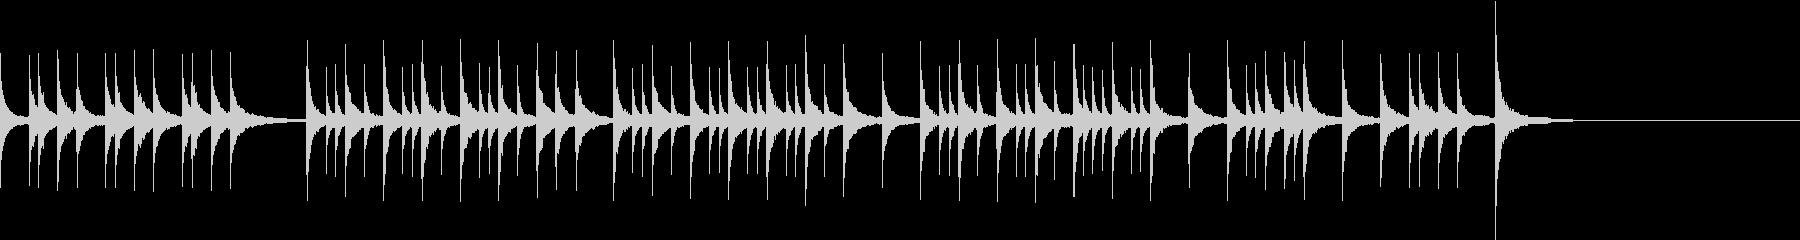 打楽器 不思議 アゴゴ 謎 ゲームの未再生の波形